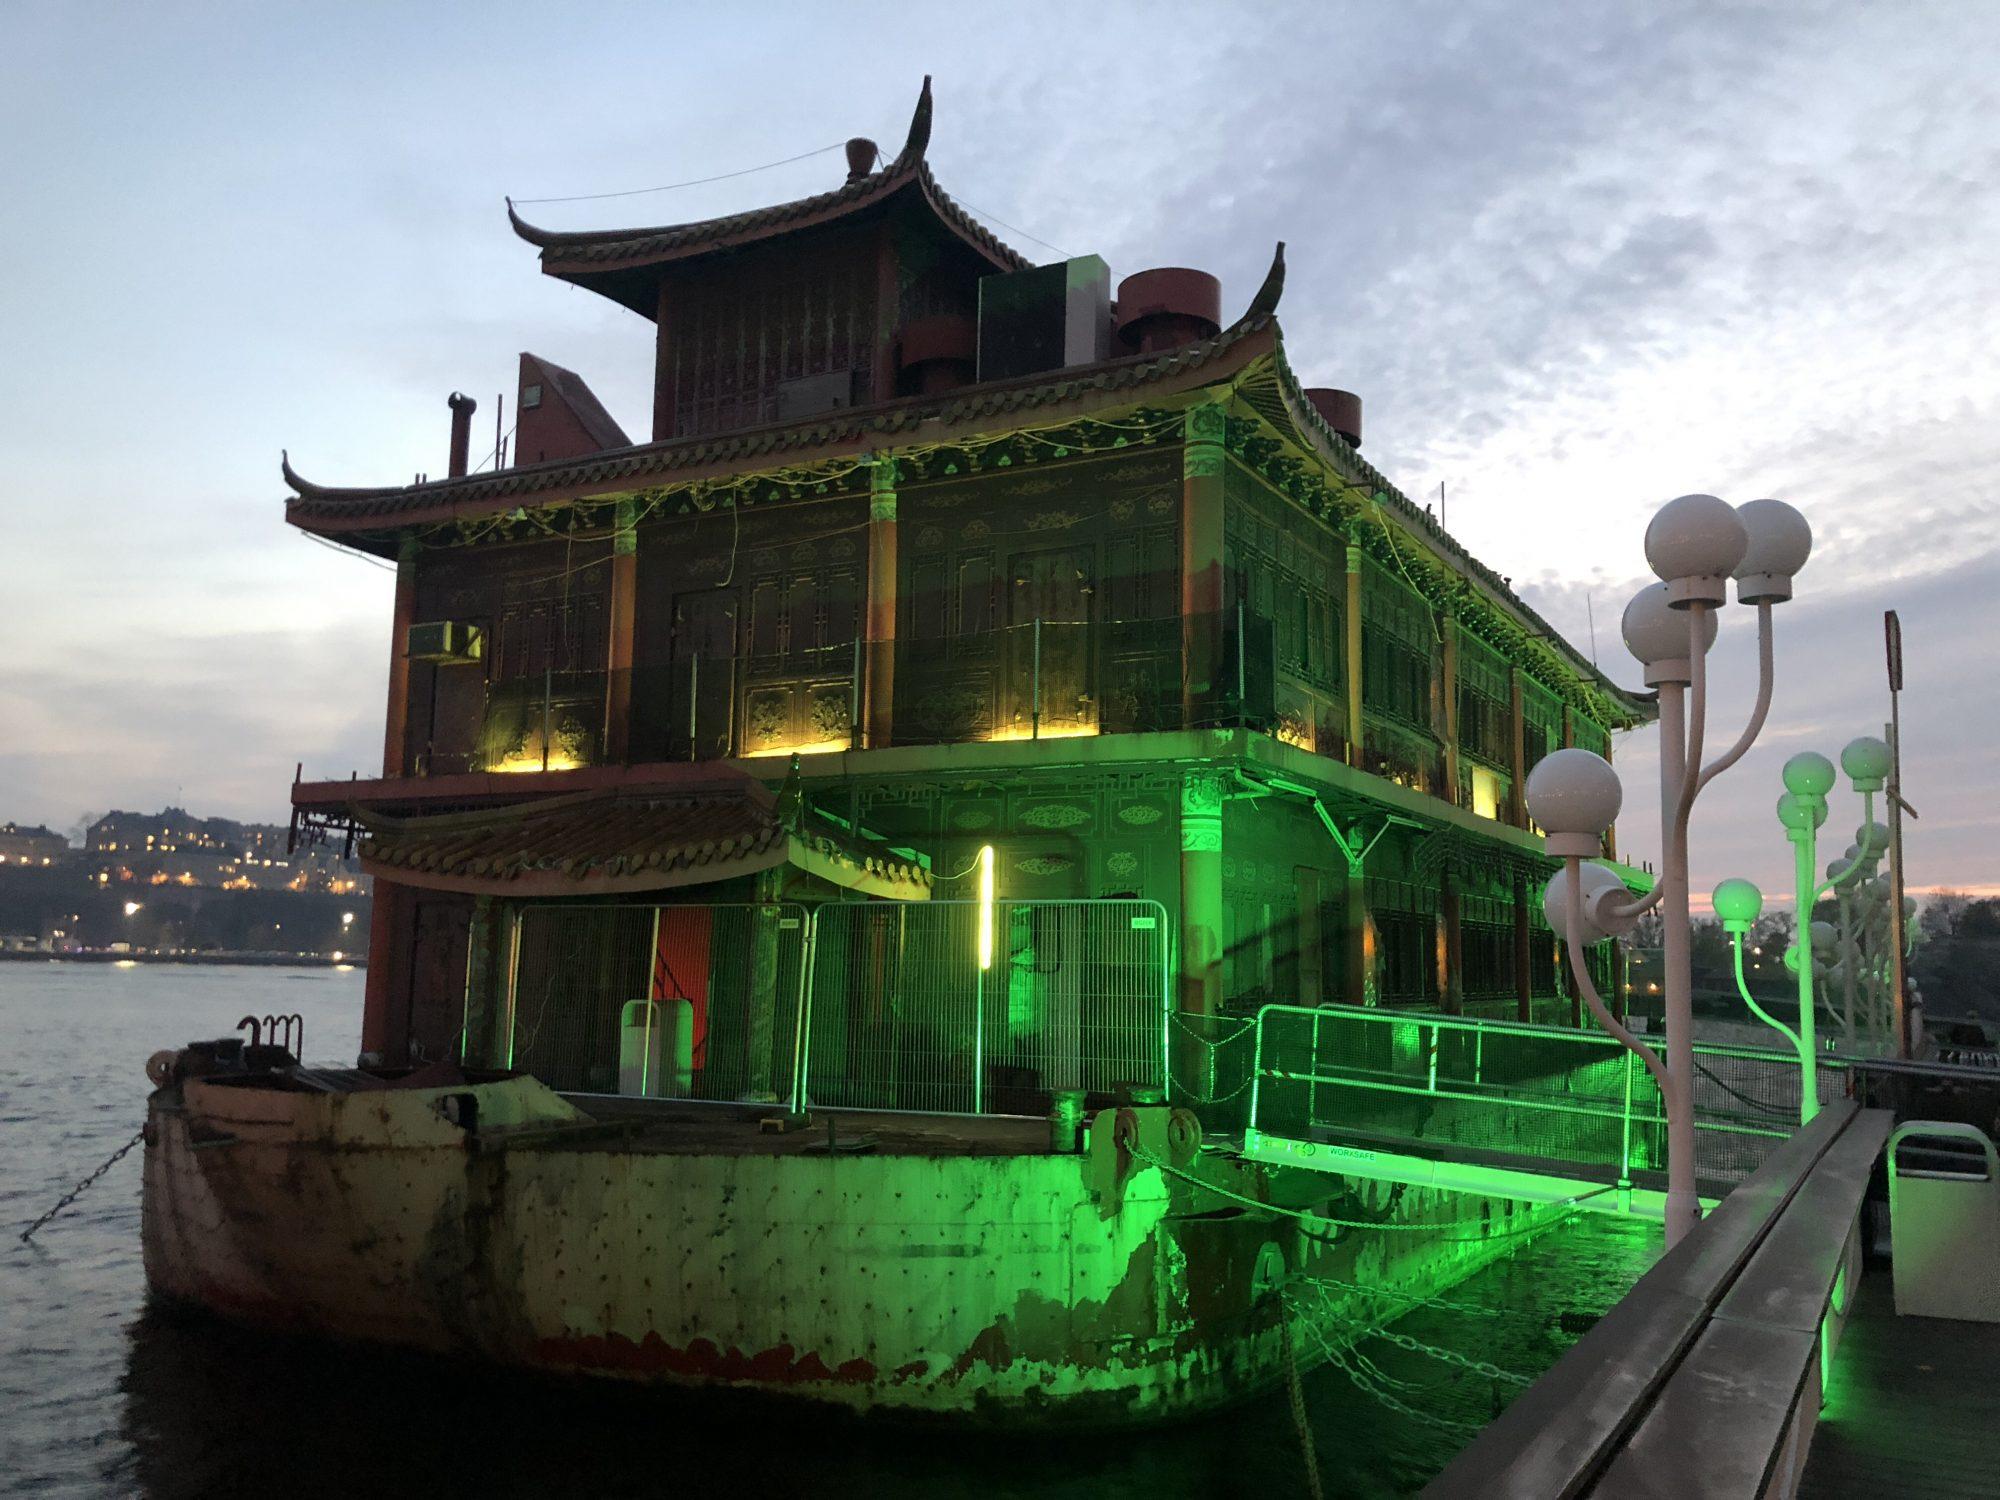 Skeppet på Gröna Lund Halloween